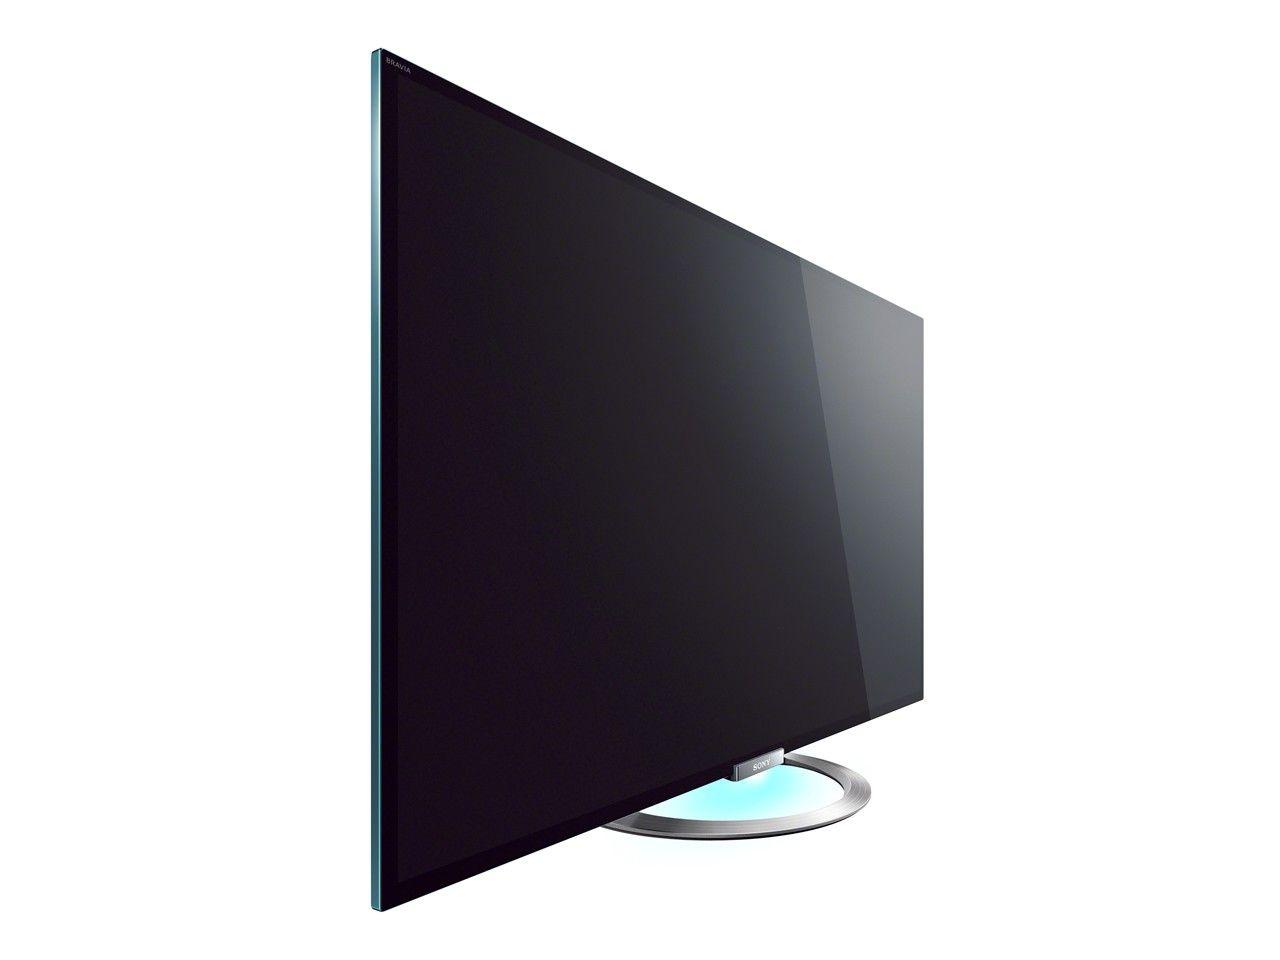 电视机在高温天气应该如何使用